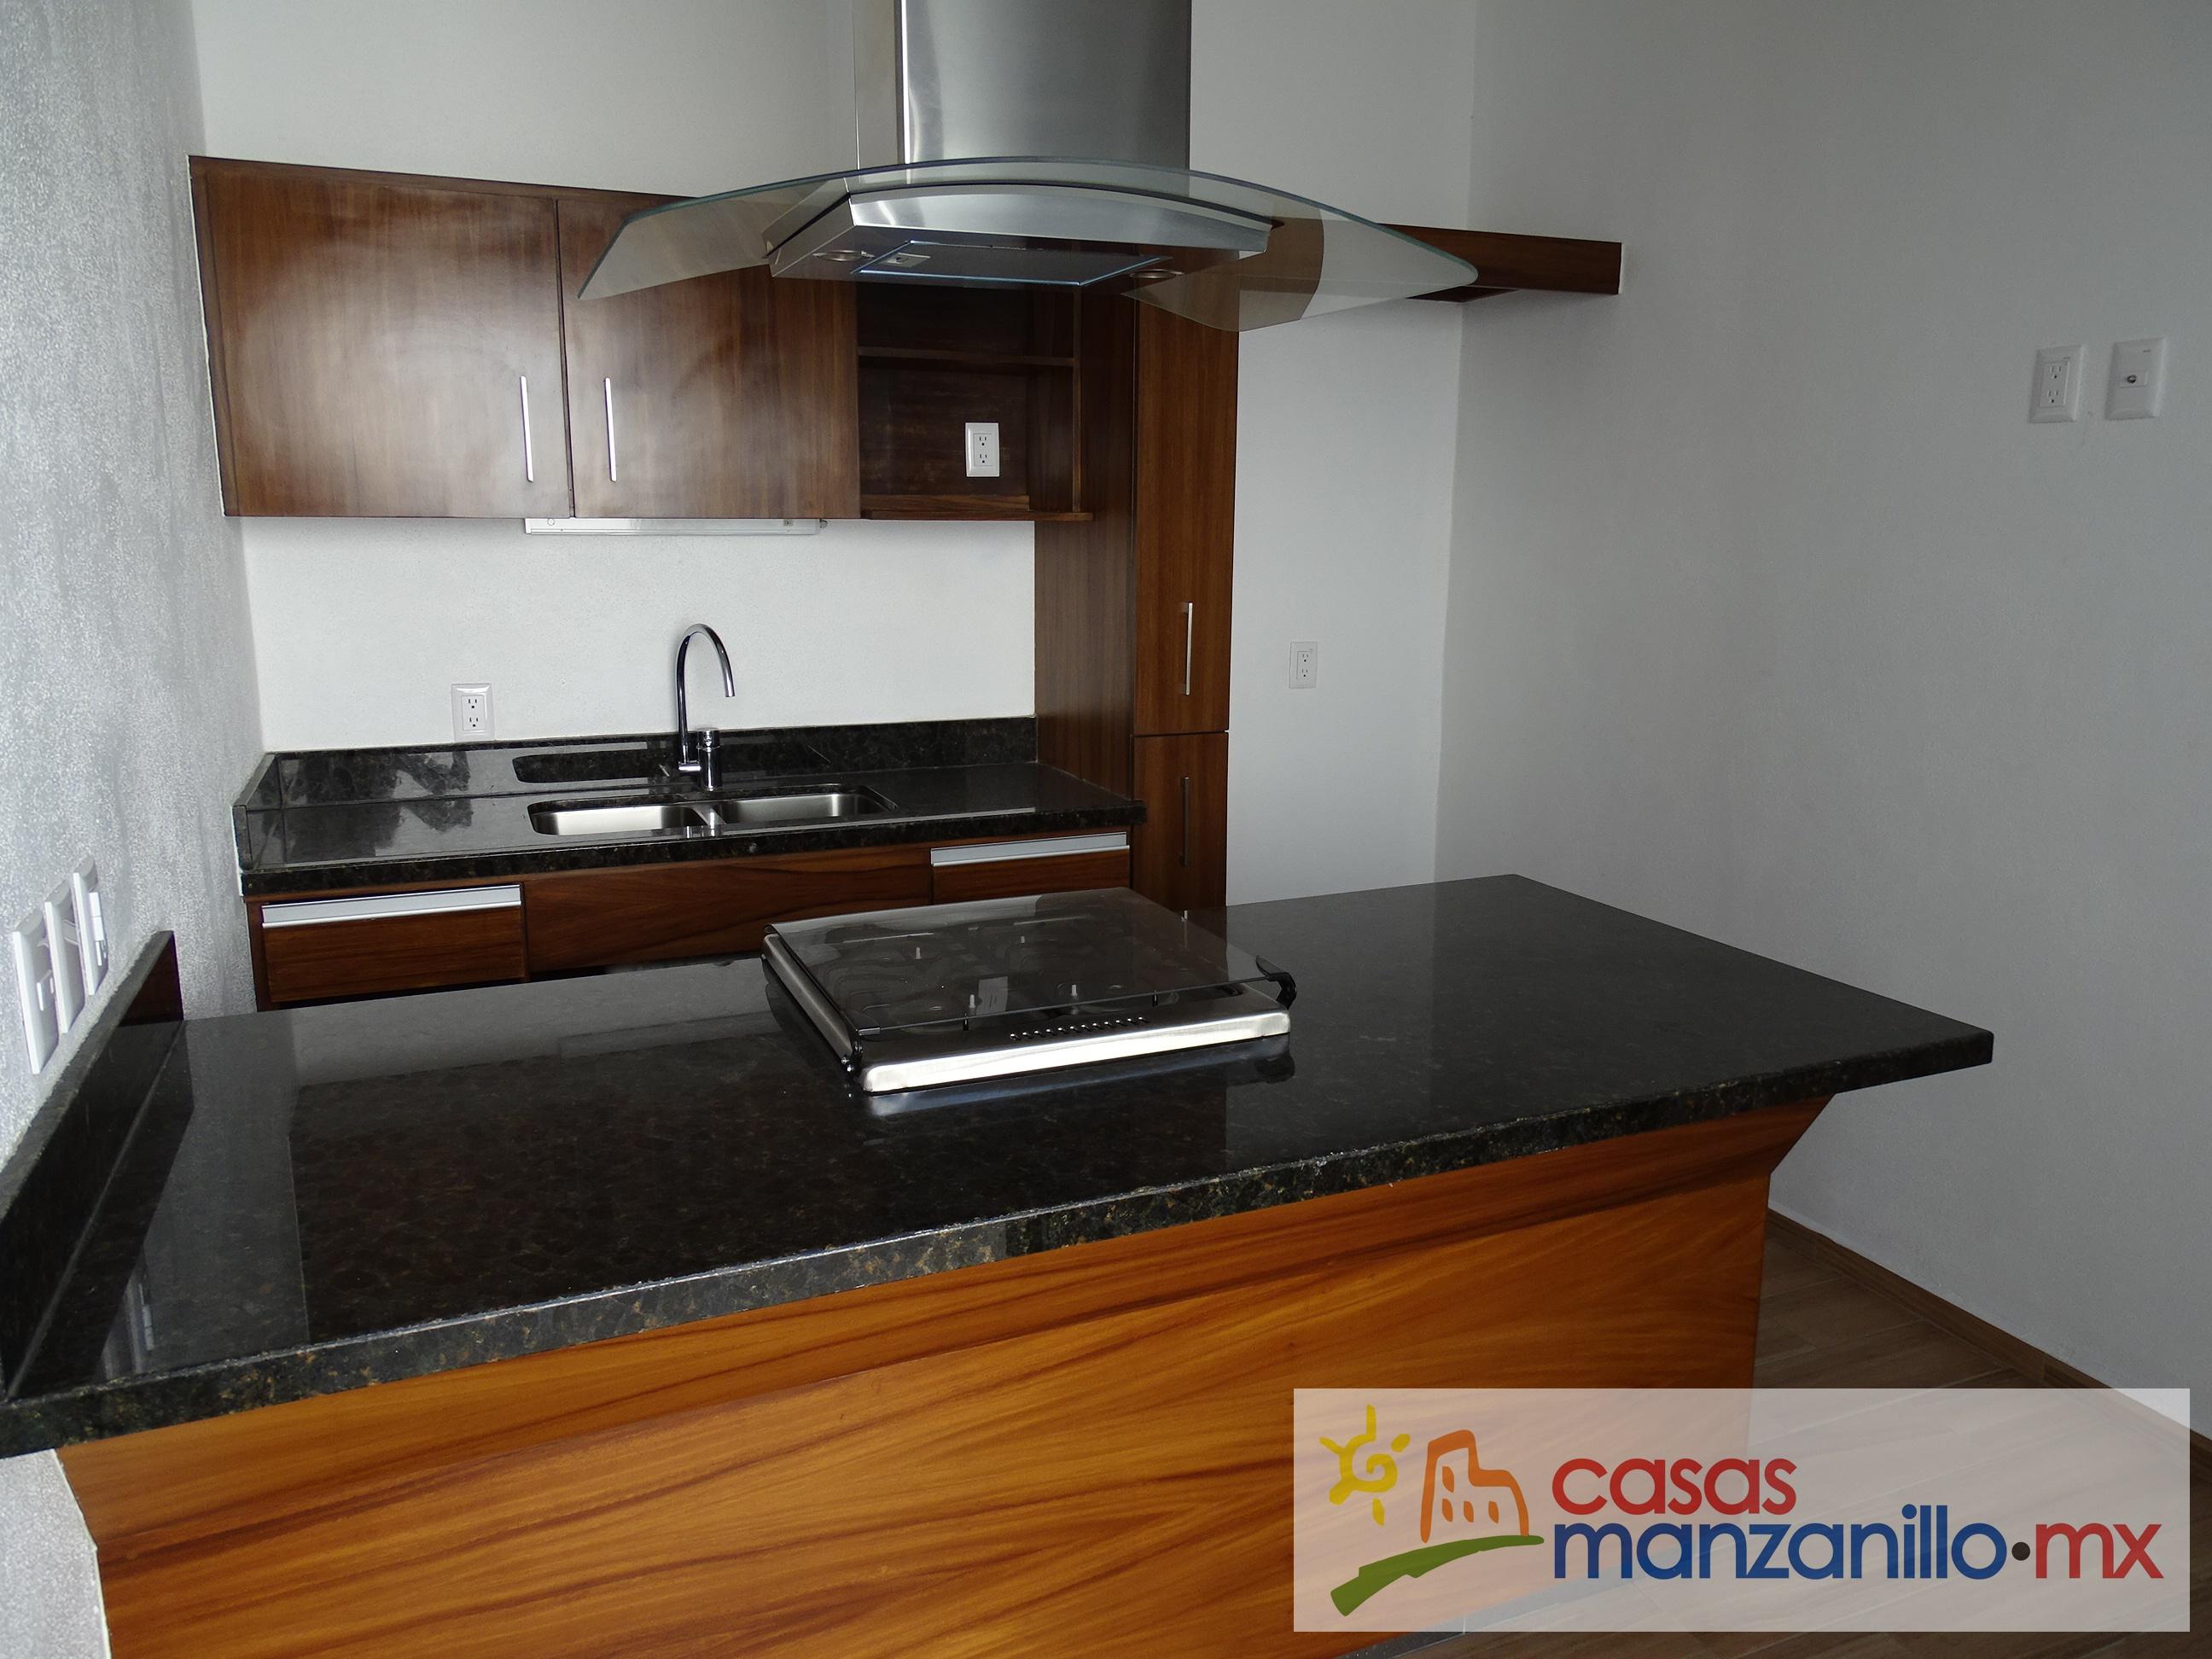 Casas Venta Manzanillo - Salagua (22)